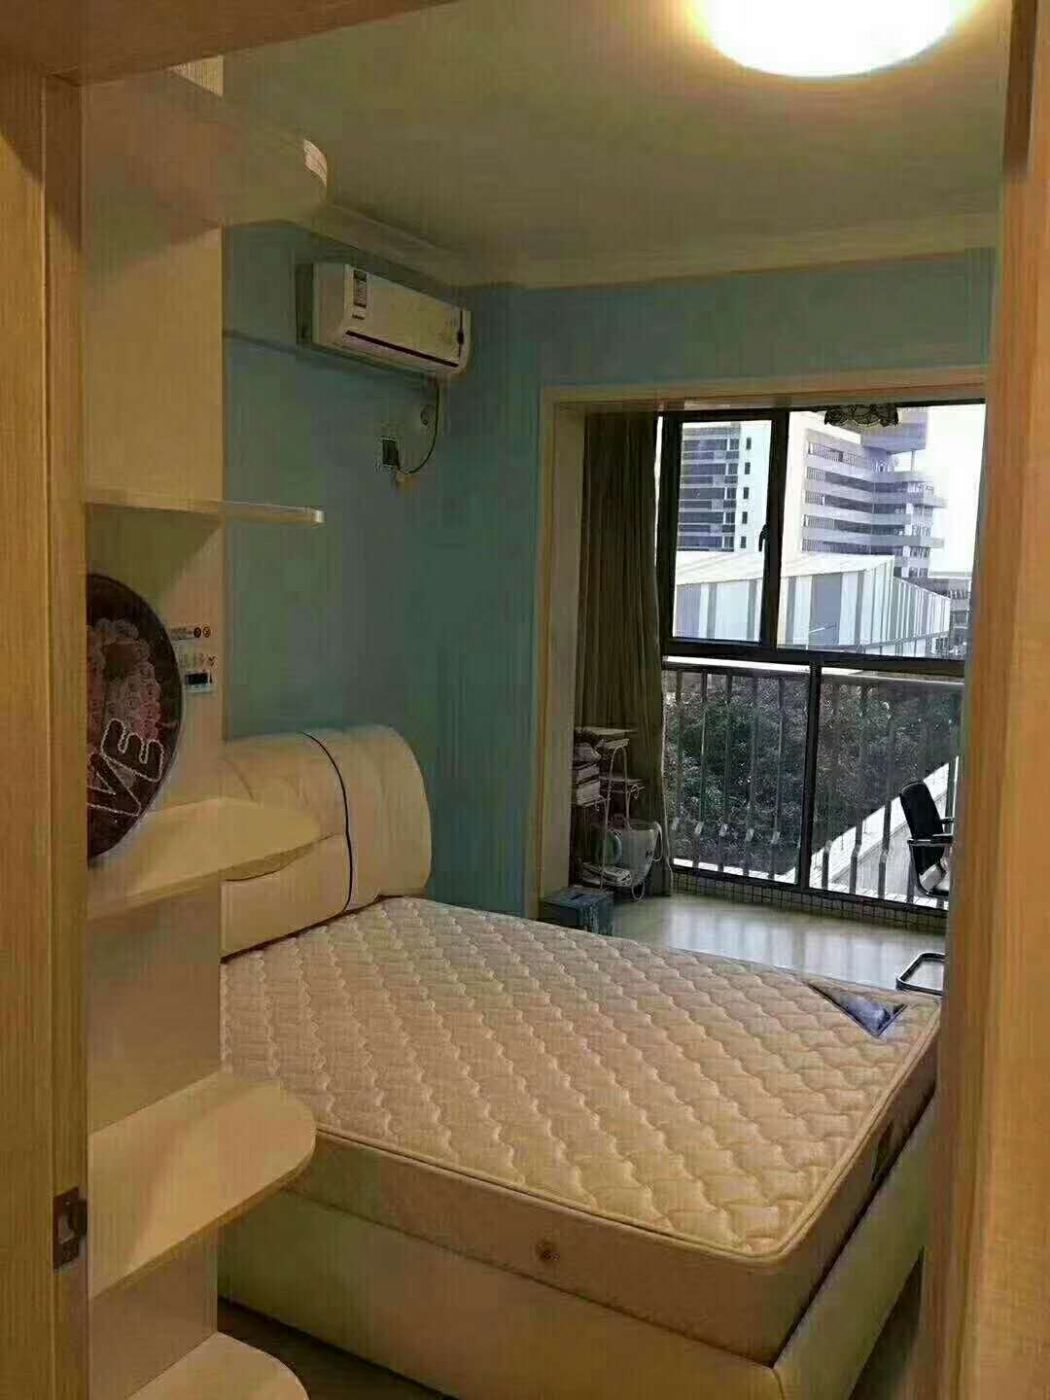 大社区,生活交通方便,丽景名筑一期 1600元 2室2厅丽景名筑一期